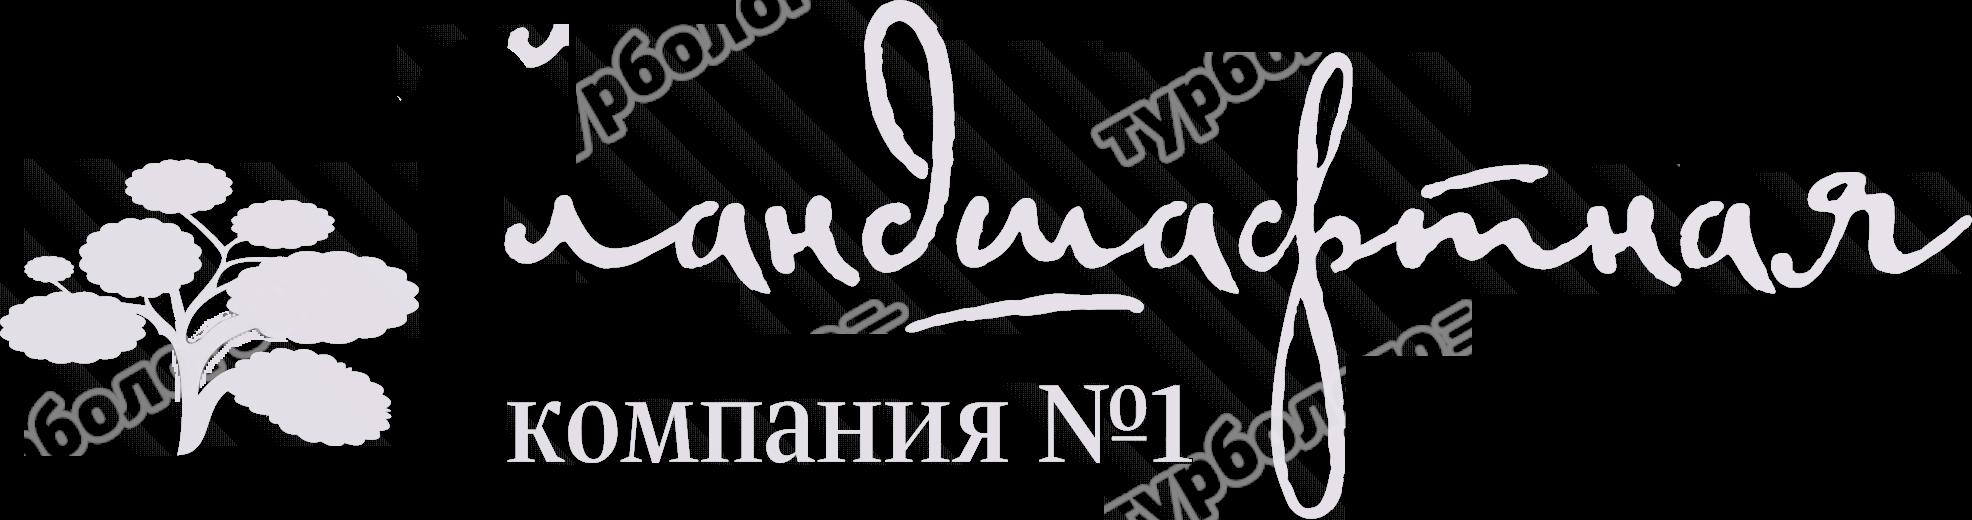 Landshaftnyj-dizajn-Rulonnyj-gazon-Sistemy-poliva-Prud-kupalnyj-Blagoustrojstvo-Ozelenenie-Posadki-krupnomerov-v-Izhevke1